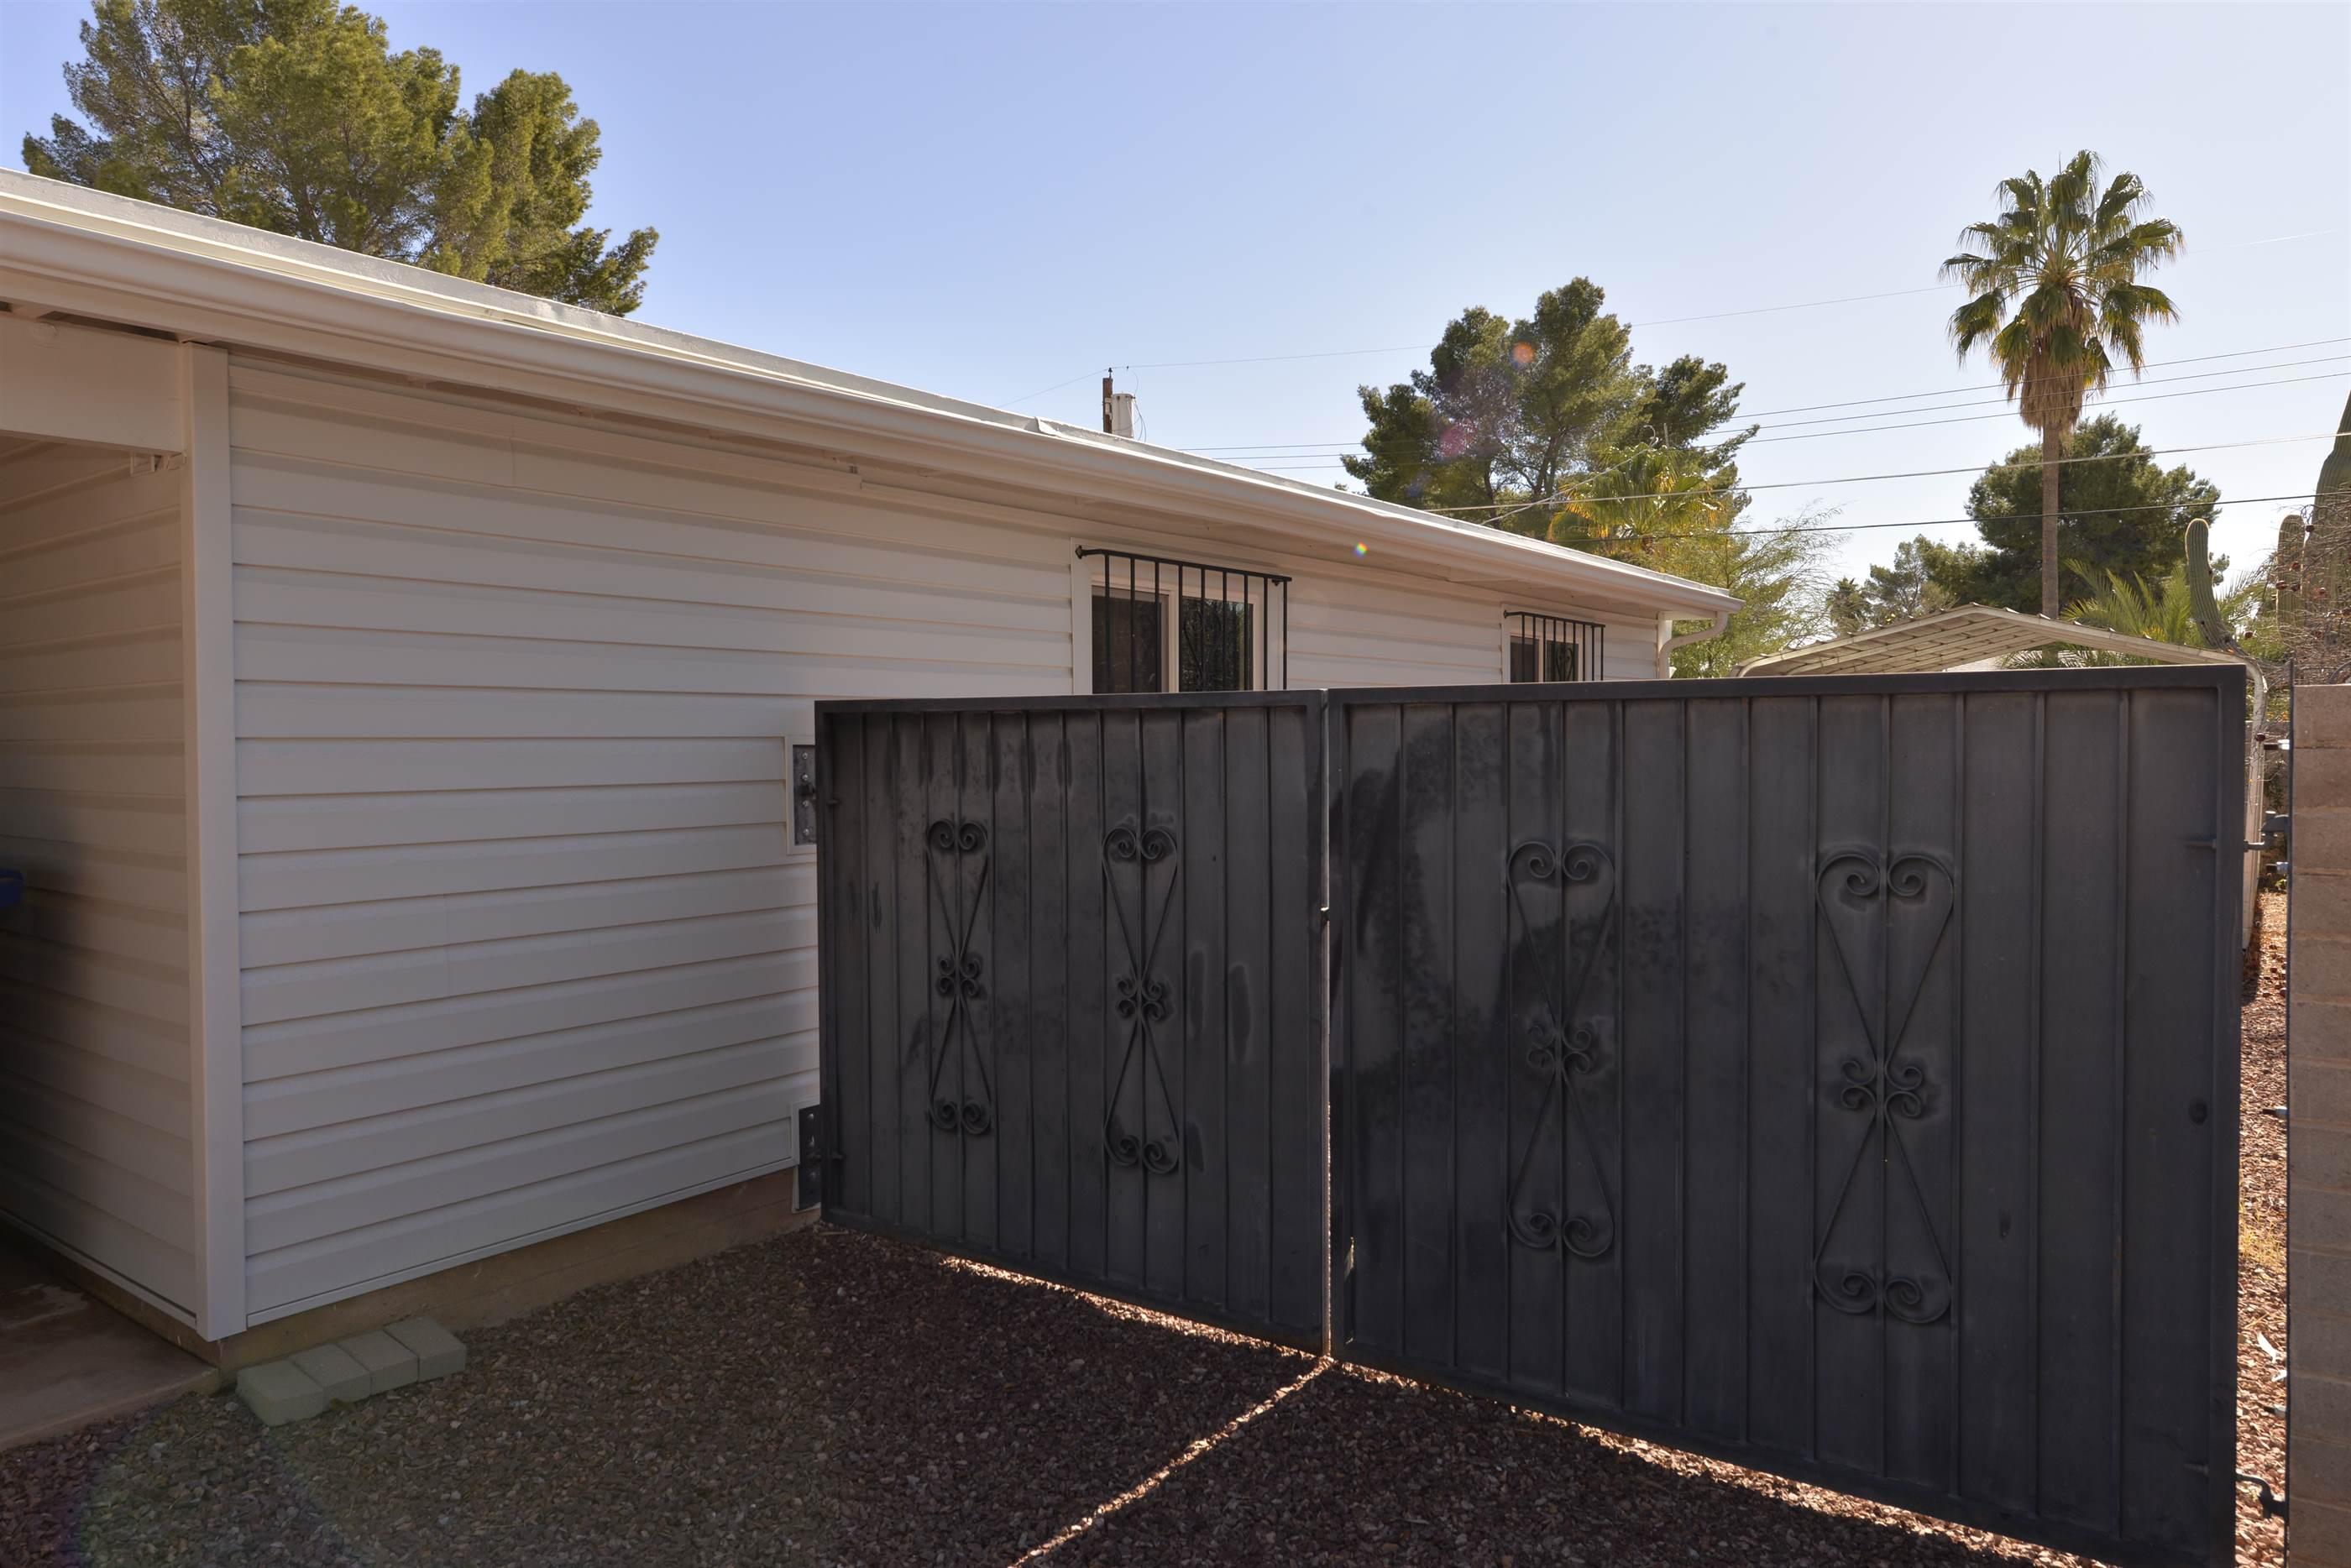 1221 W. Pelaar St, Tucson, AZ 85705